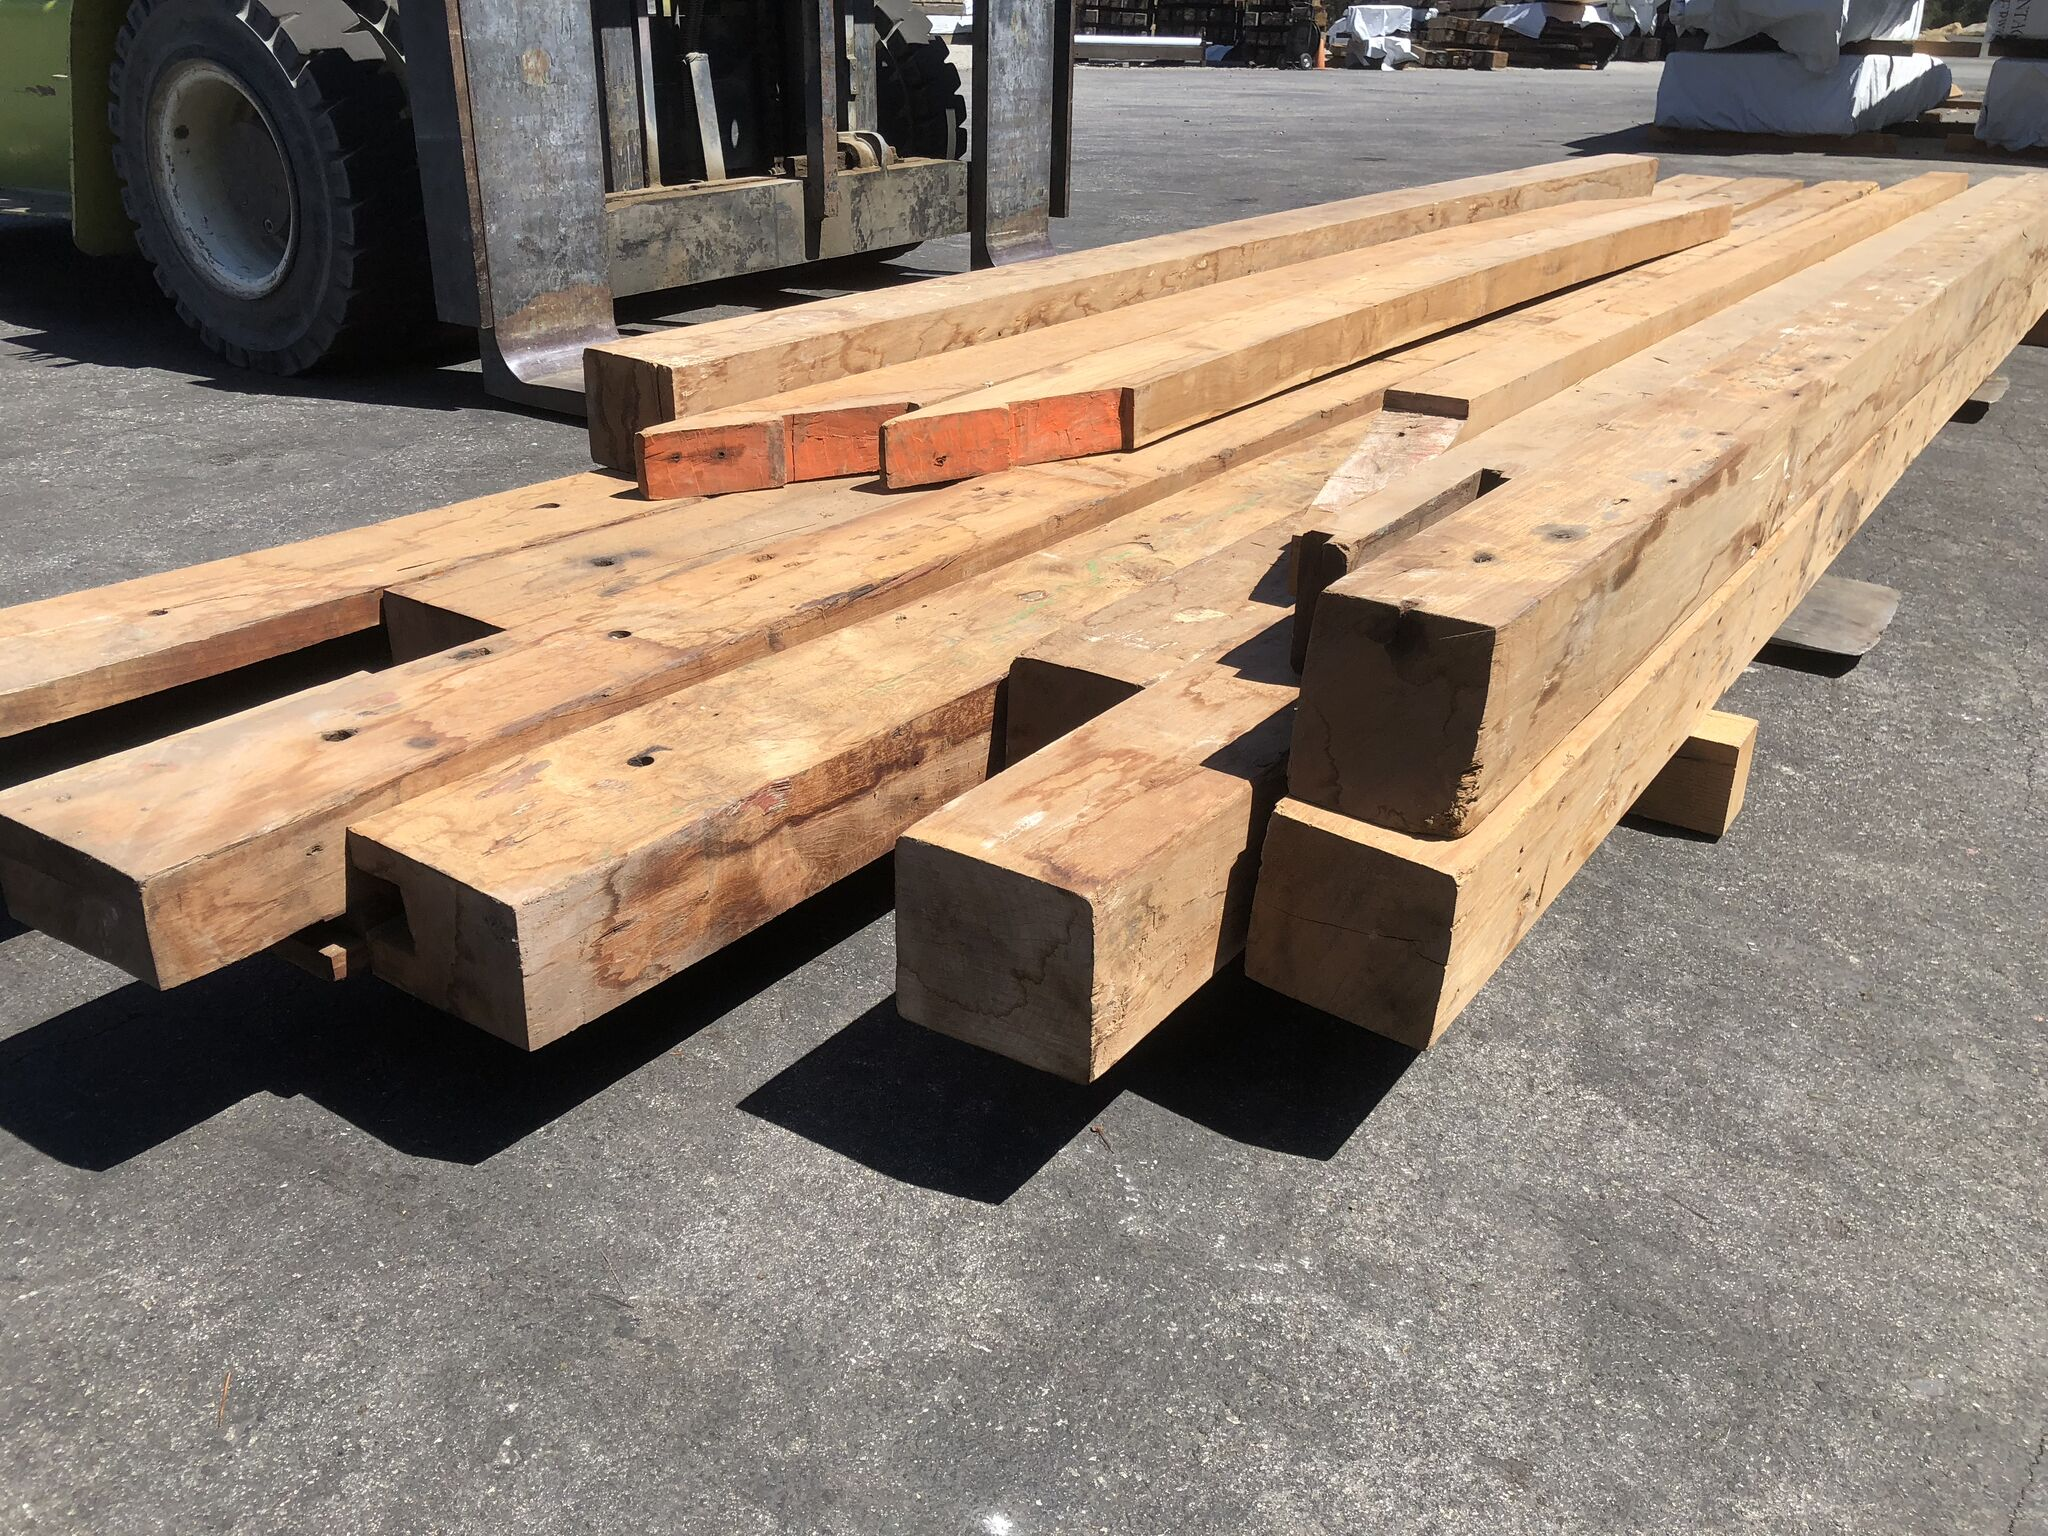 beam01 - Reclaimed Teak Timbers